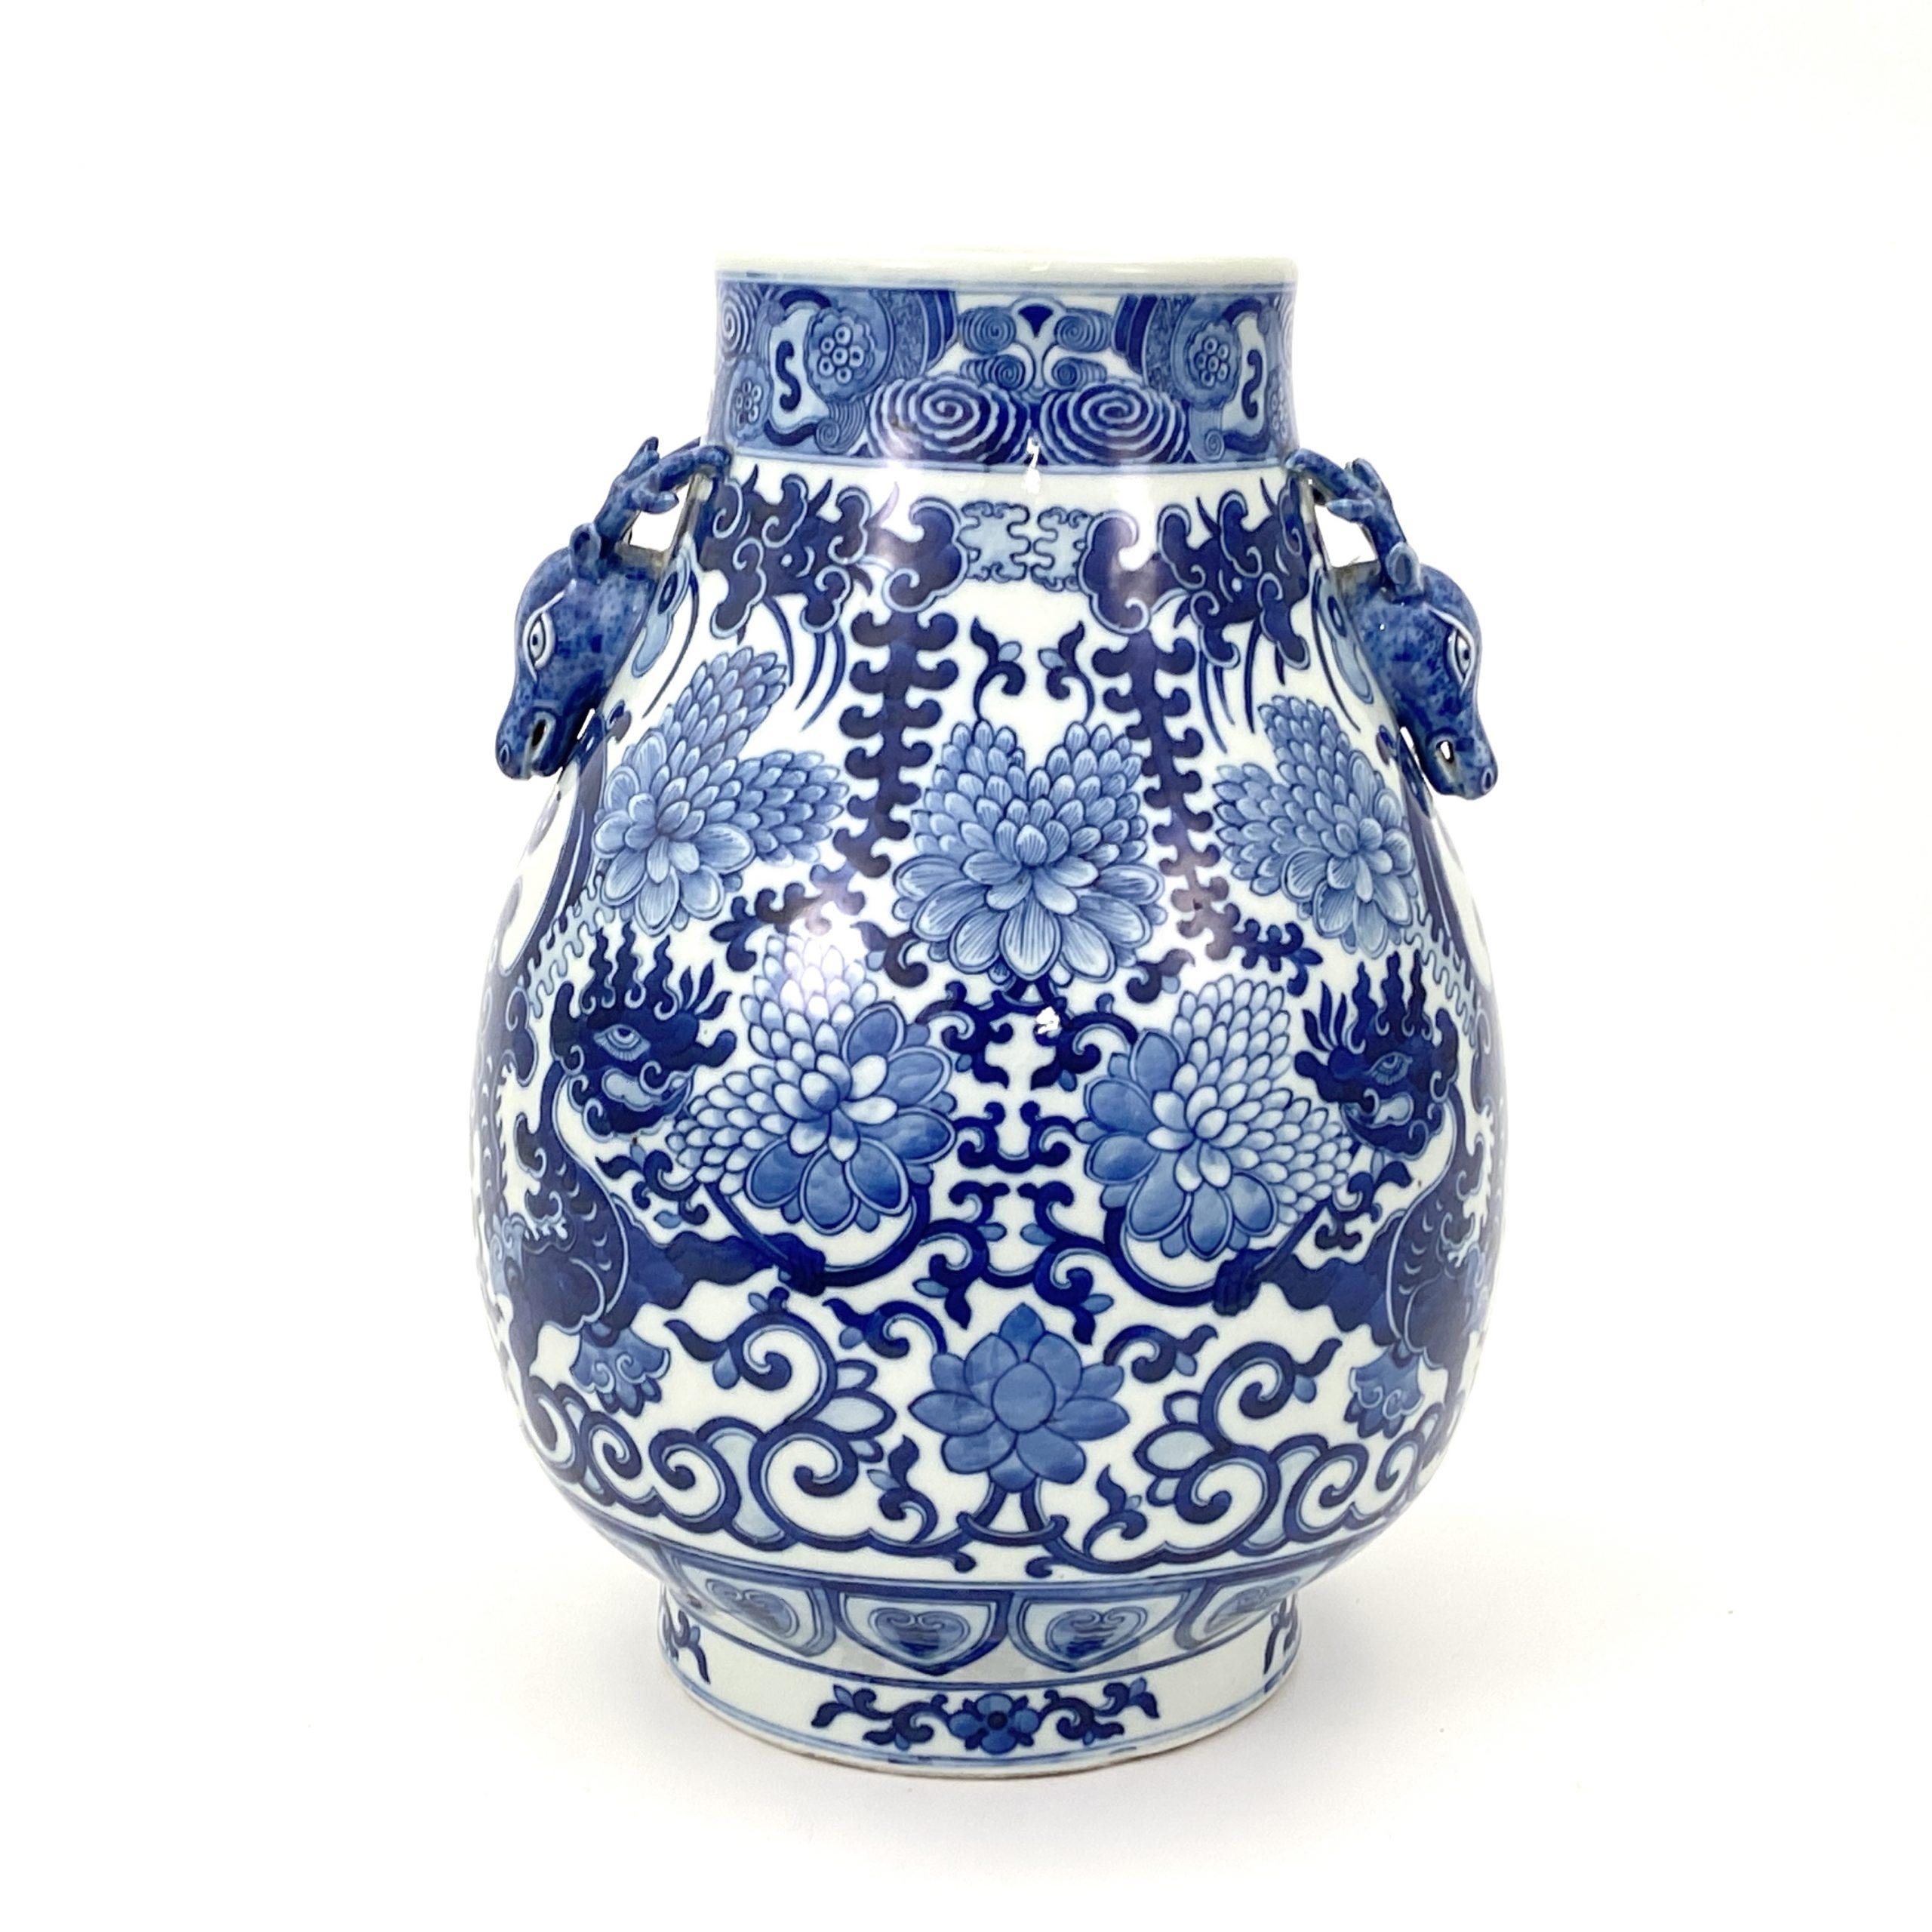 21041青花 鹿耳瓶